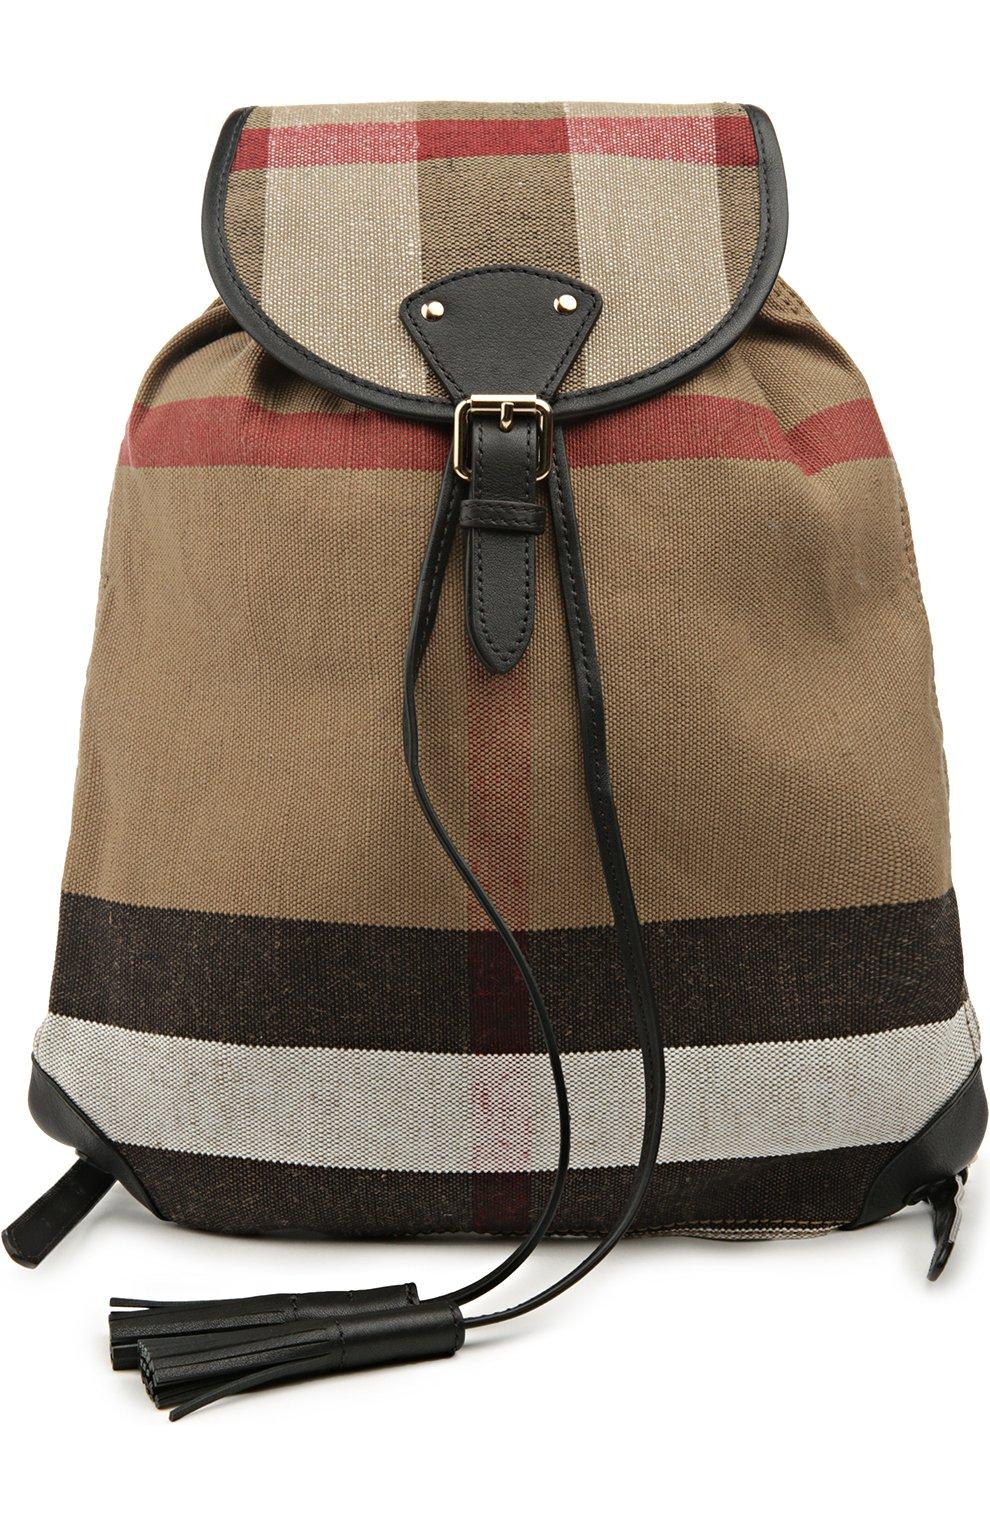 Рюкзак Chiltern из клетчатого текстиля с кожаной отделкой | Фото №1